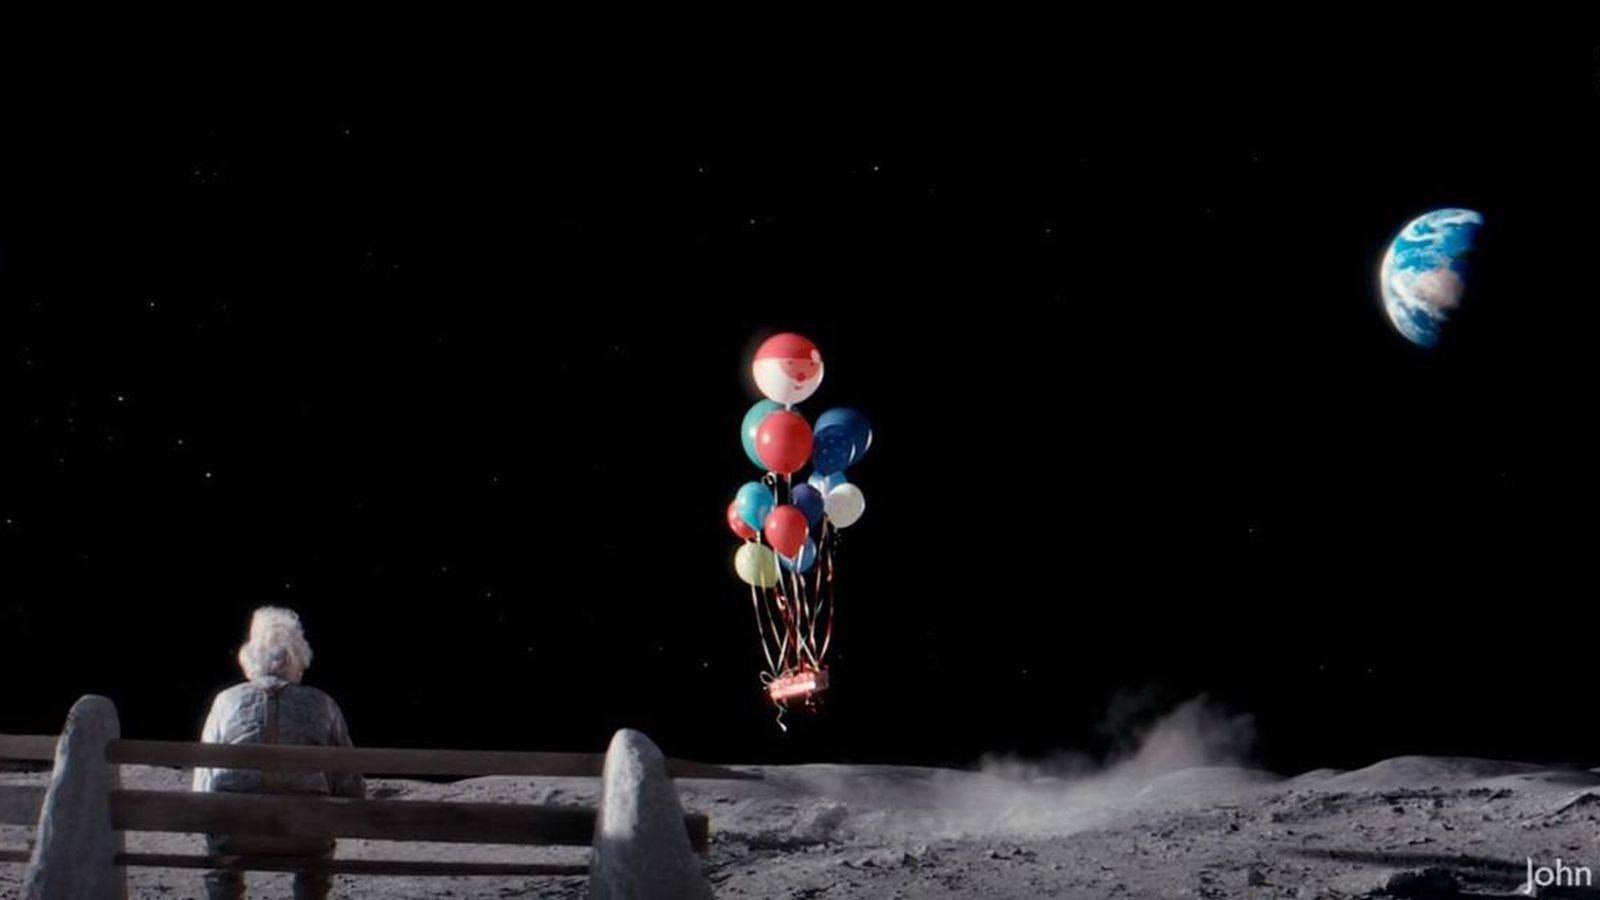 Foto: Un fotograma del anuncio de John Lewis (captura de YouTube)